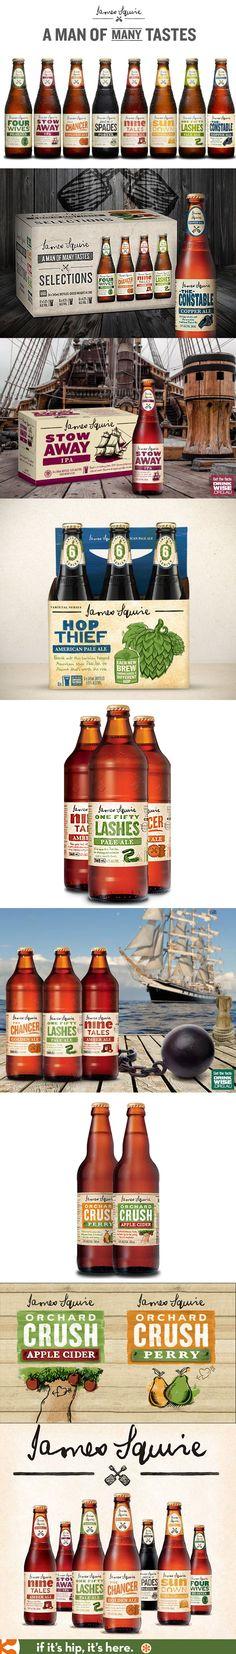 Minimalistyczne i retro obrandowanie różnych gatunków piw. Estetyka jest zachęcająca oraz nawiązuje do tradycji browarniczych.